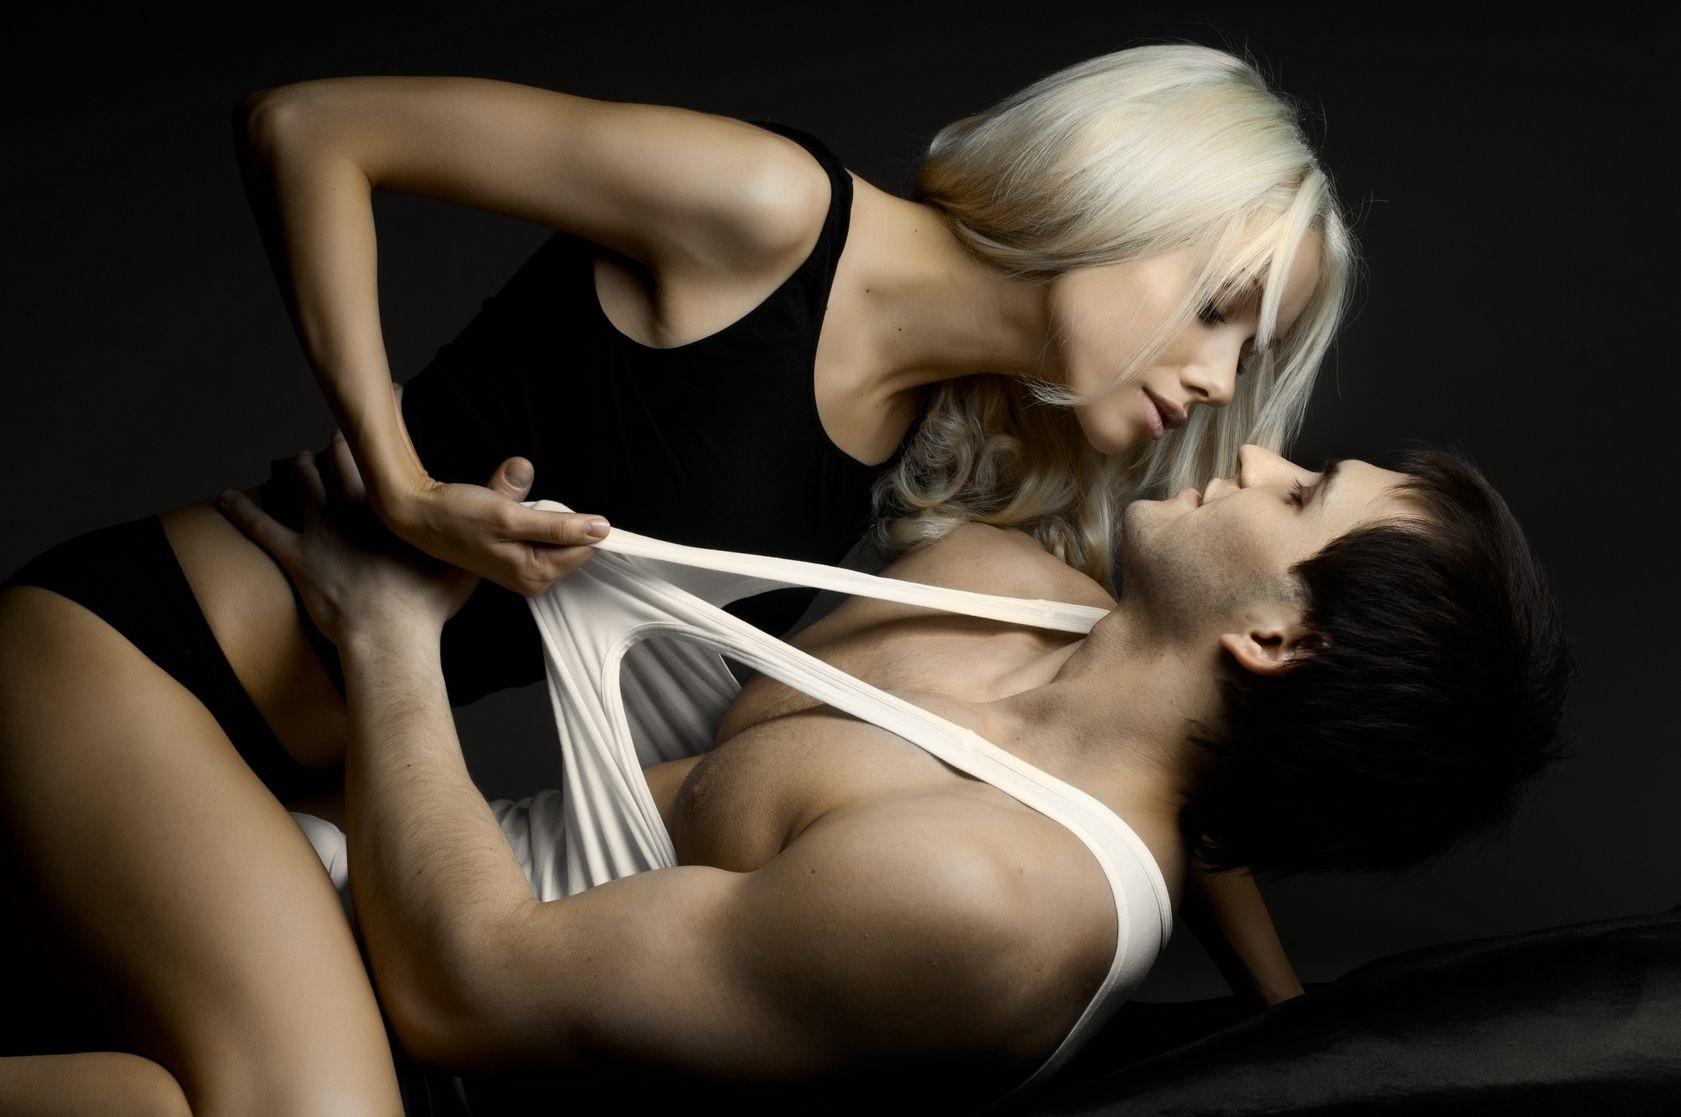 Нескольких сексуальные девушки с мужчиной ставка